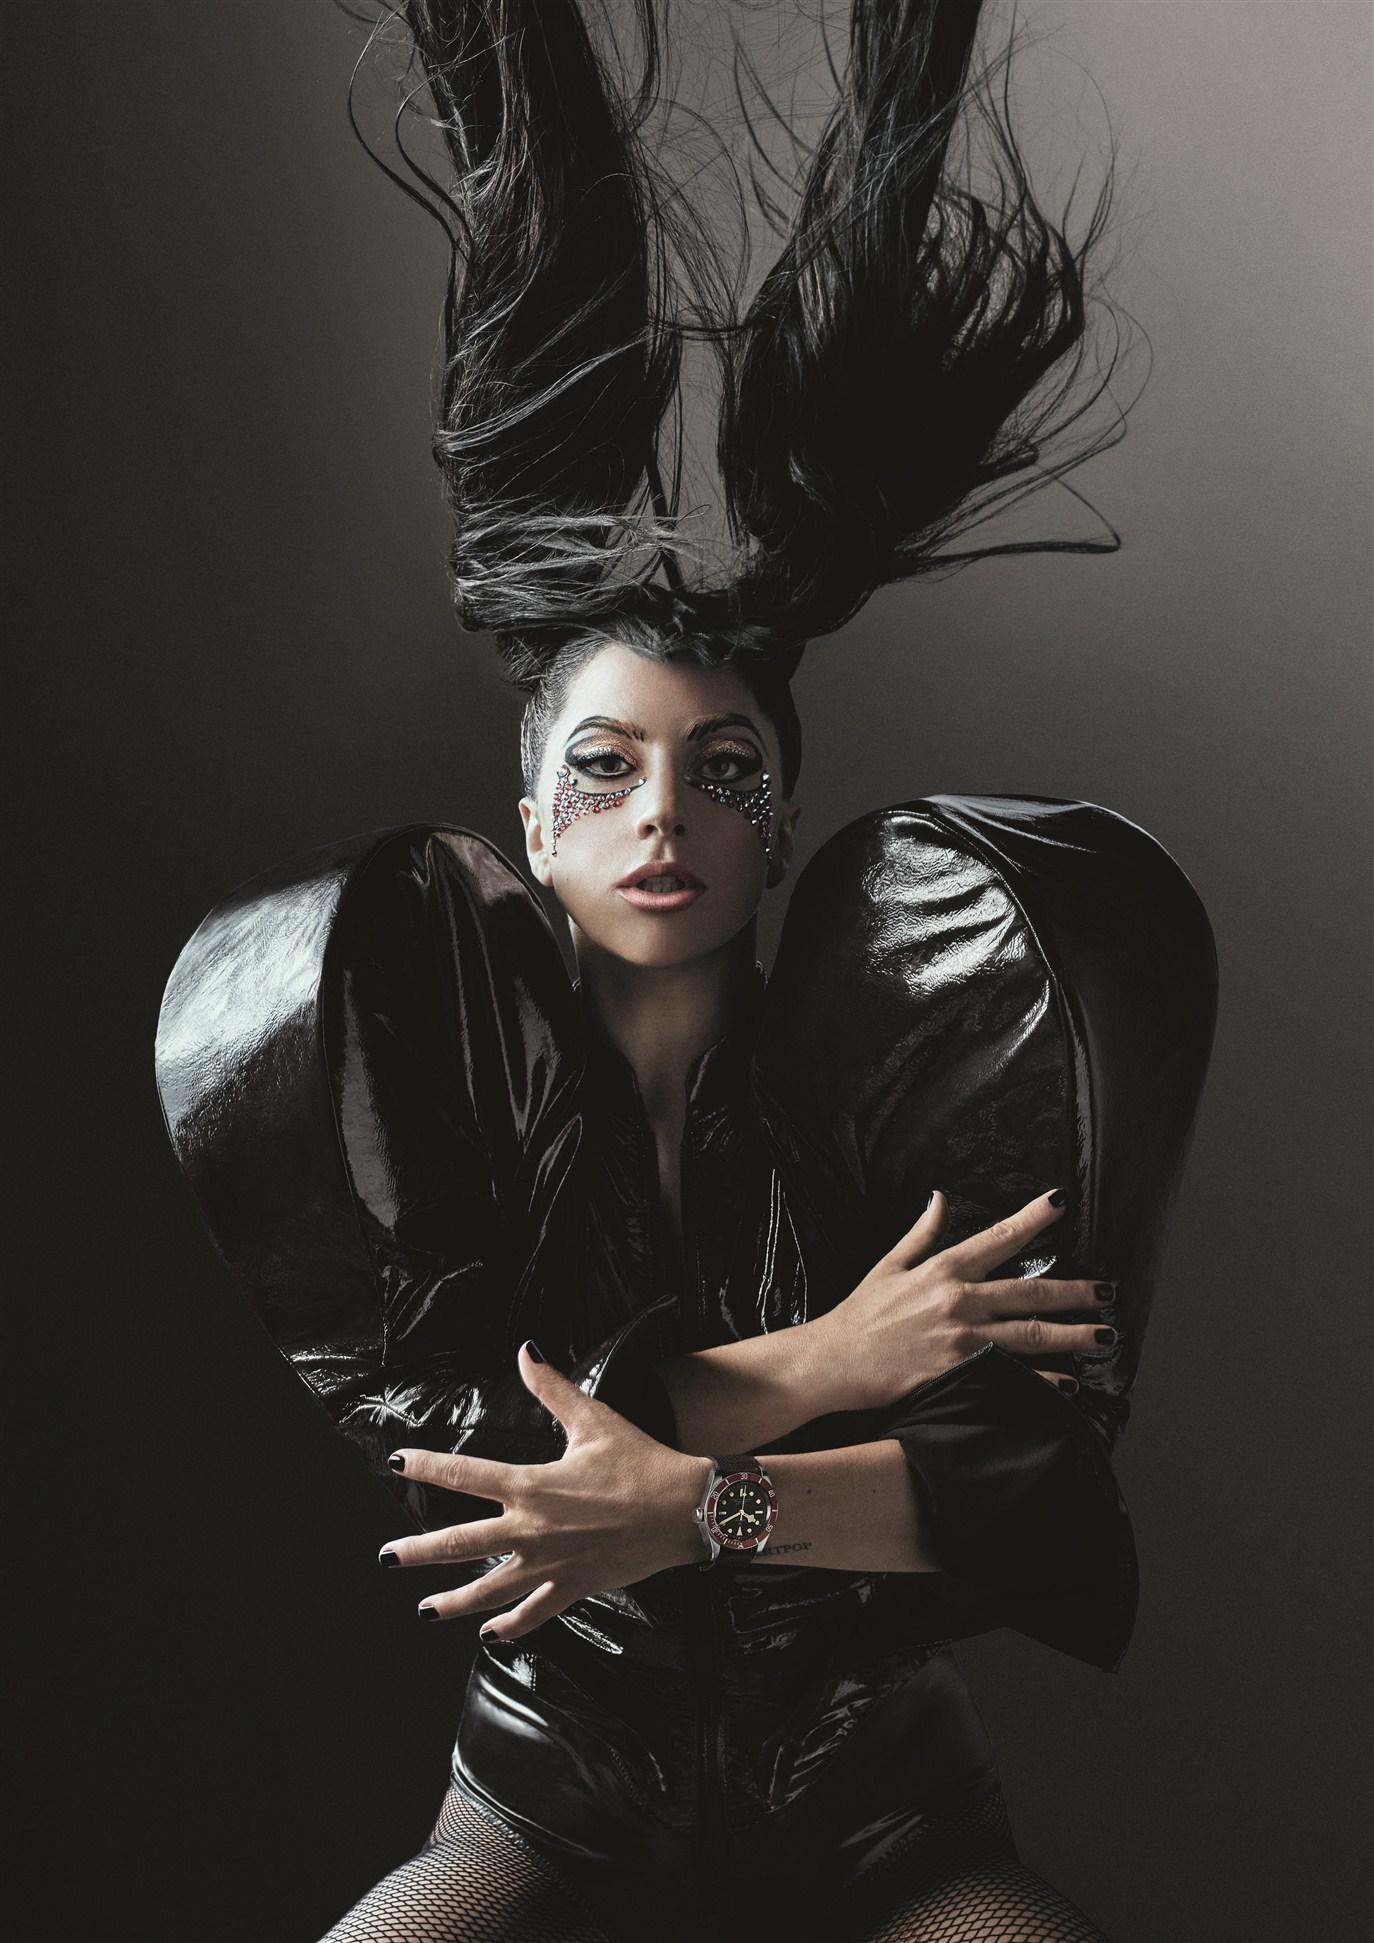 Nữ ca sĩ Lady Gaga, gương mặt đại sứ cho đồng hồ nữ của thương hiệu đồng hồ Tudor.